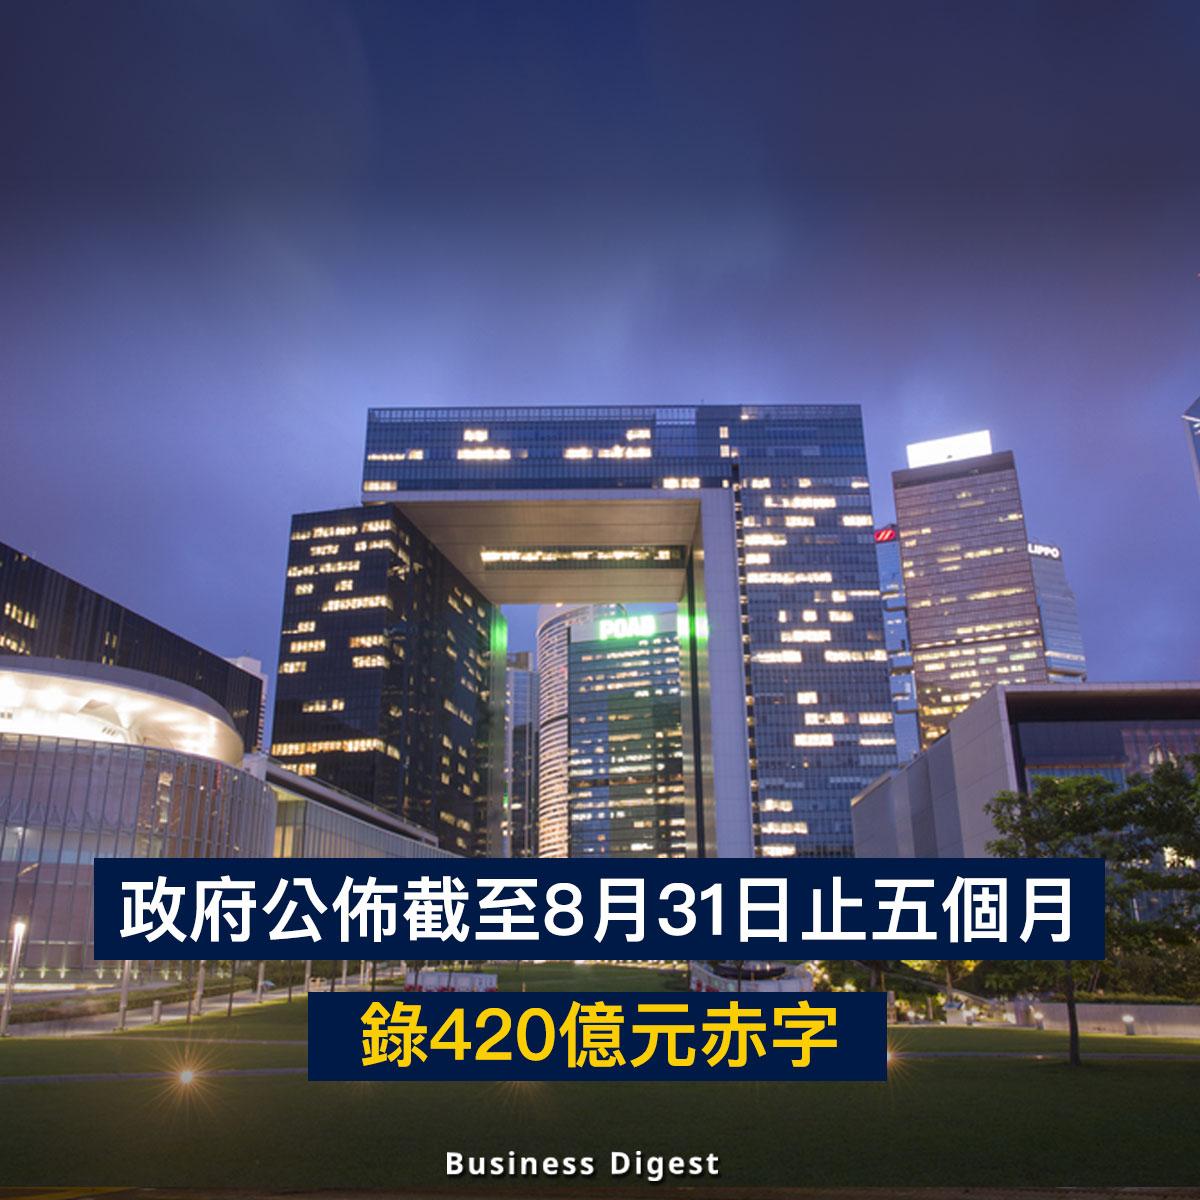 【商業熱話】政府公佈本財政年度首五個月錄420億元赤字